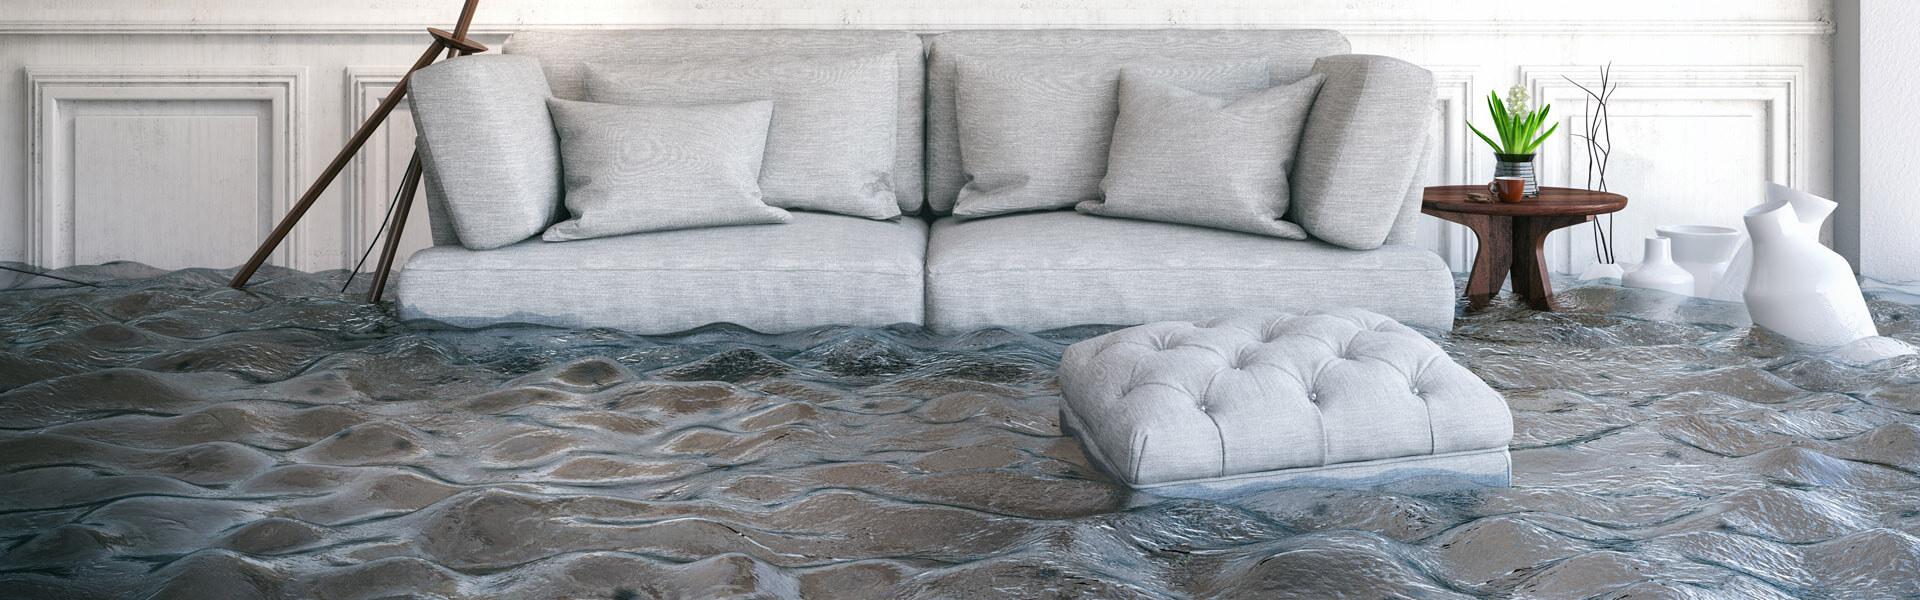 Durch Wasser beschädigter Hausrat: Couch, Lampe, Tisch